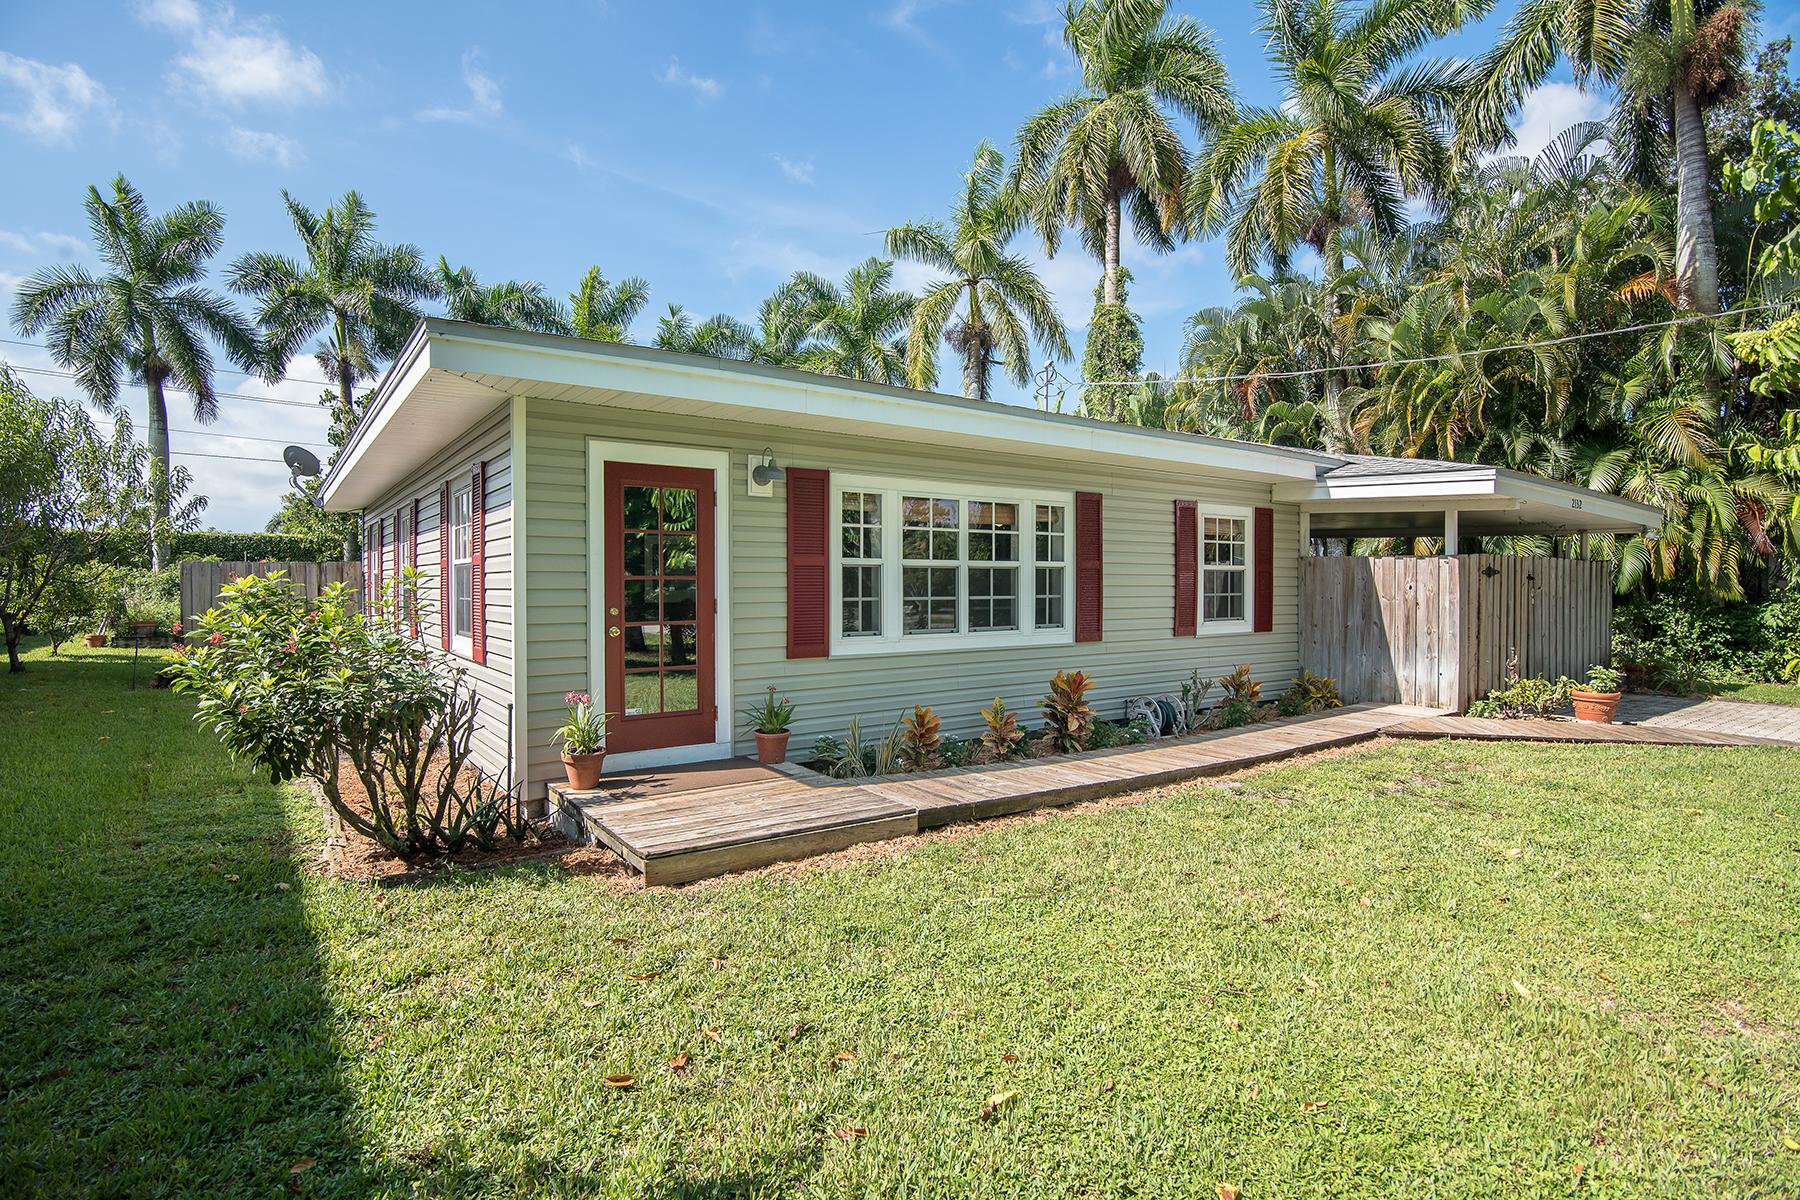 独户住宅 为 销售 在 INOMAH 2132 Jackson Ave Naples, 佛罗里达州 34112 美国